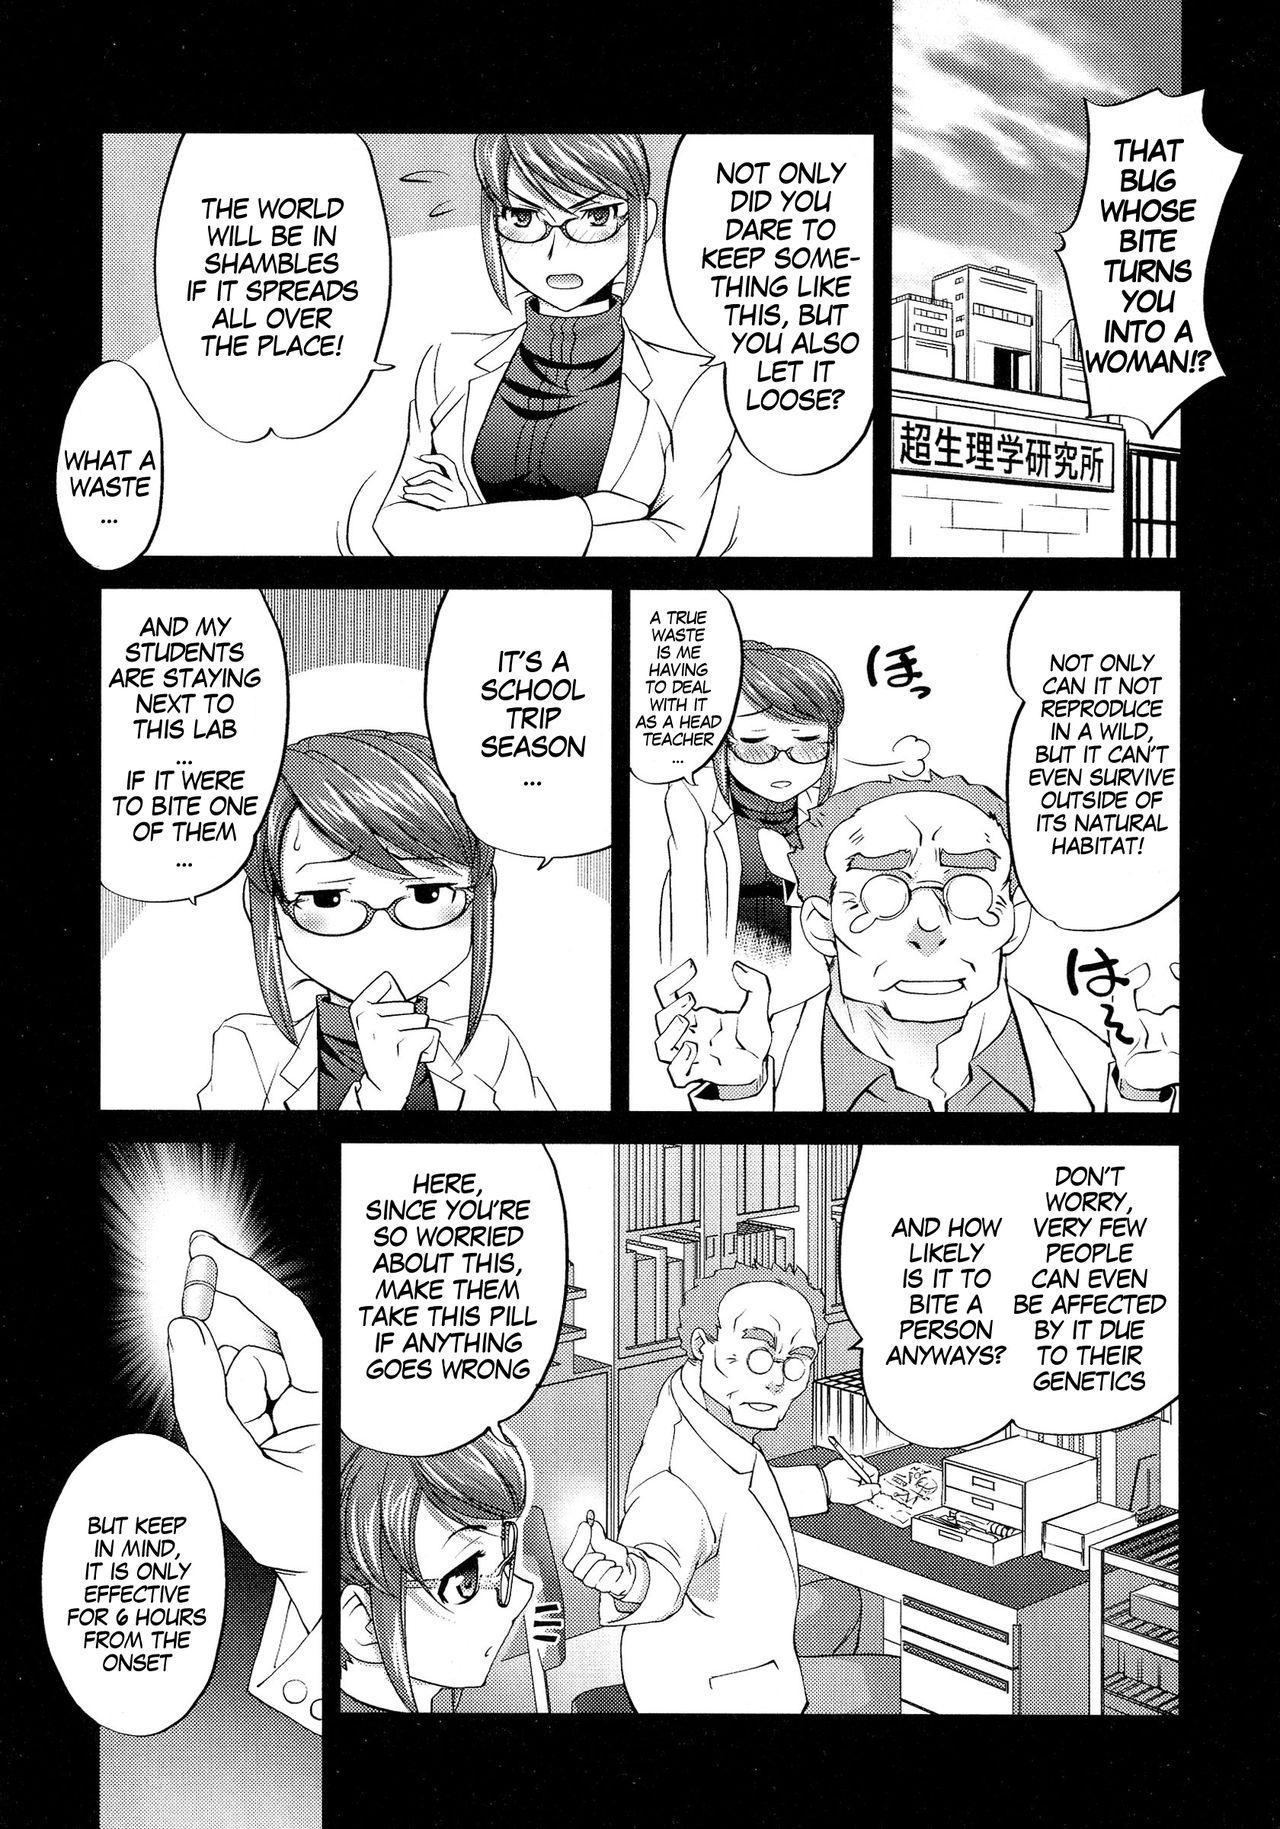 Saiaku Otokoyu de Ore ga Onnanoko ni Nacchau Nante 2 | No Way! I Turned Into a Girl at the Men's Public Bath 2 5